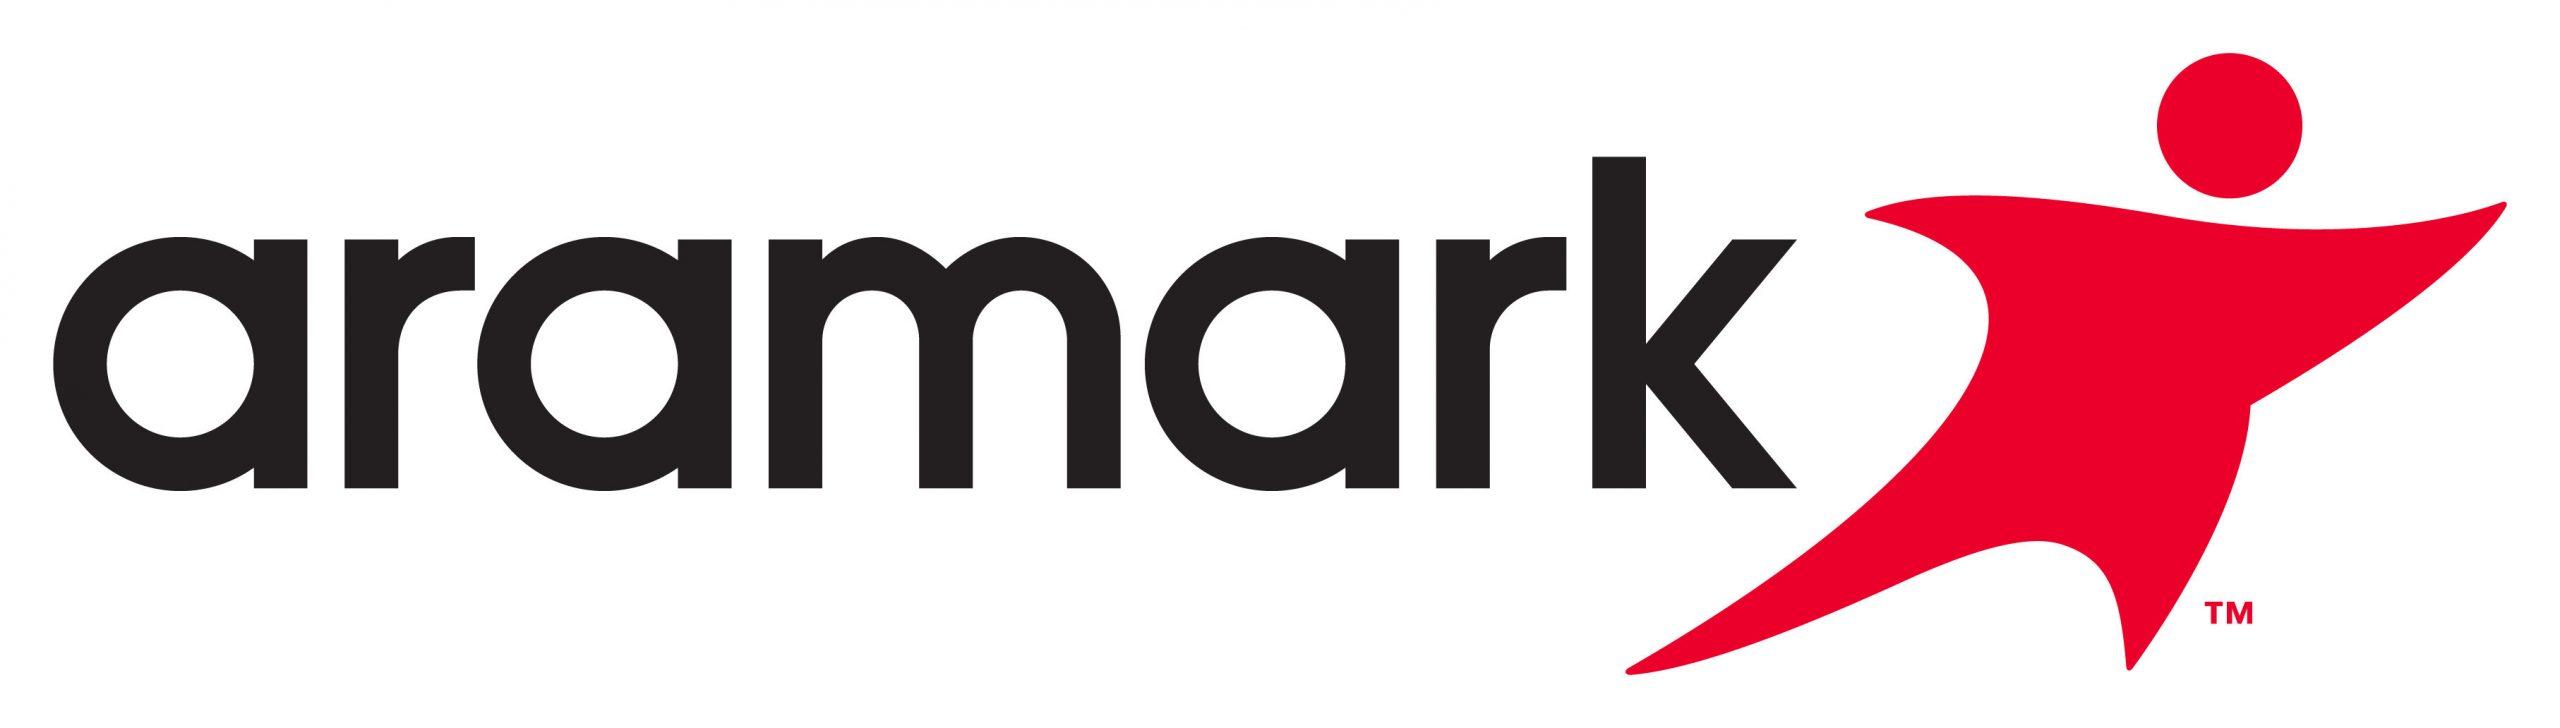 aramark - logo